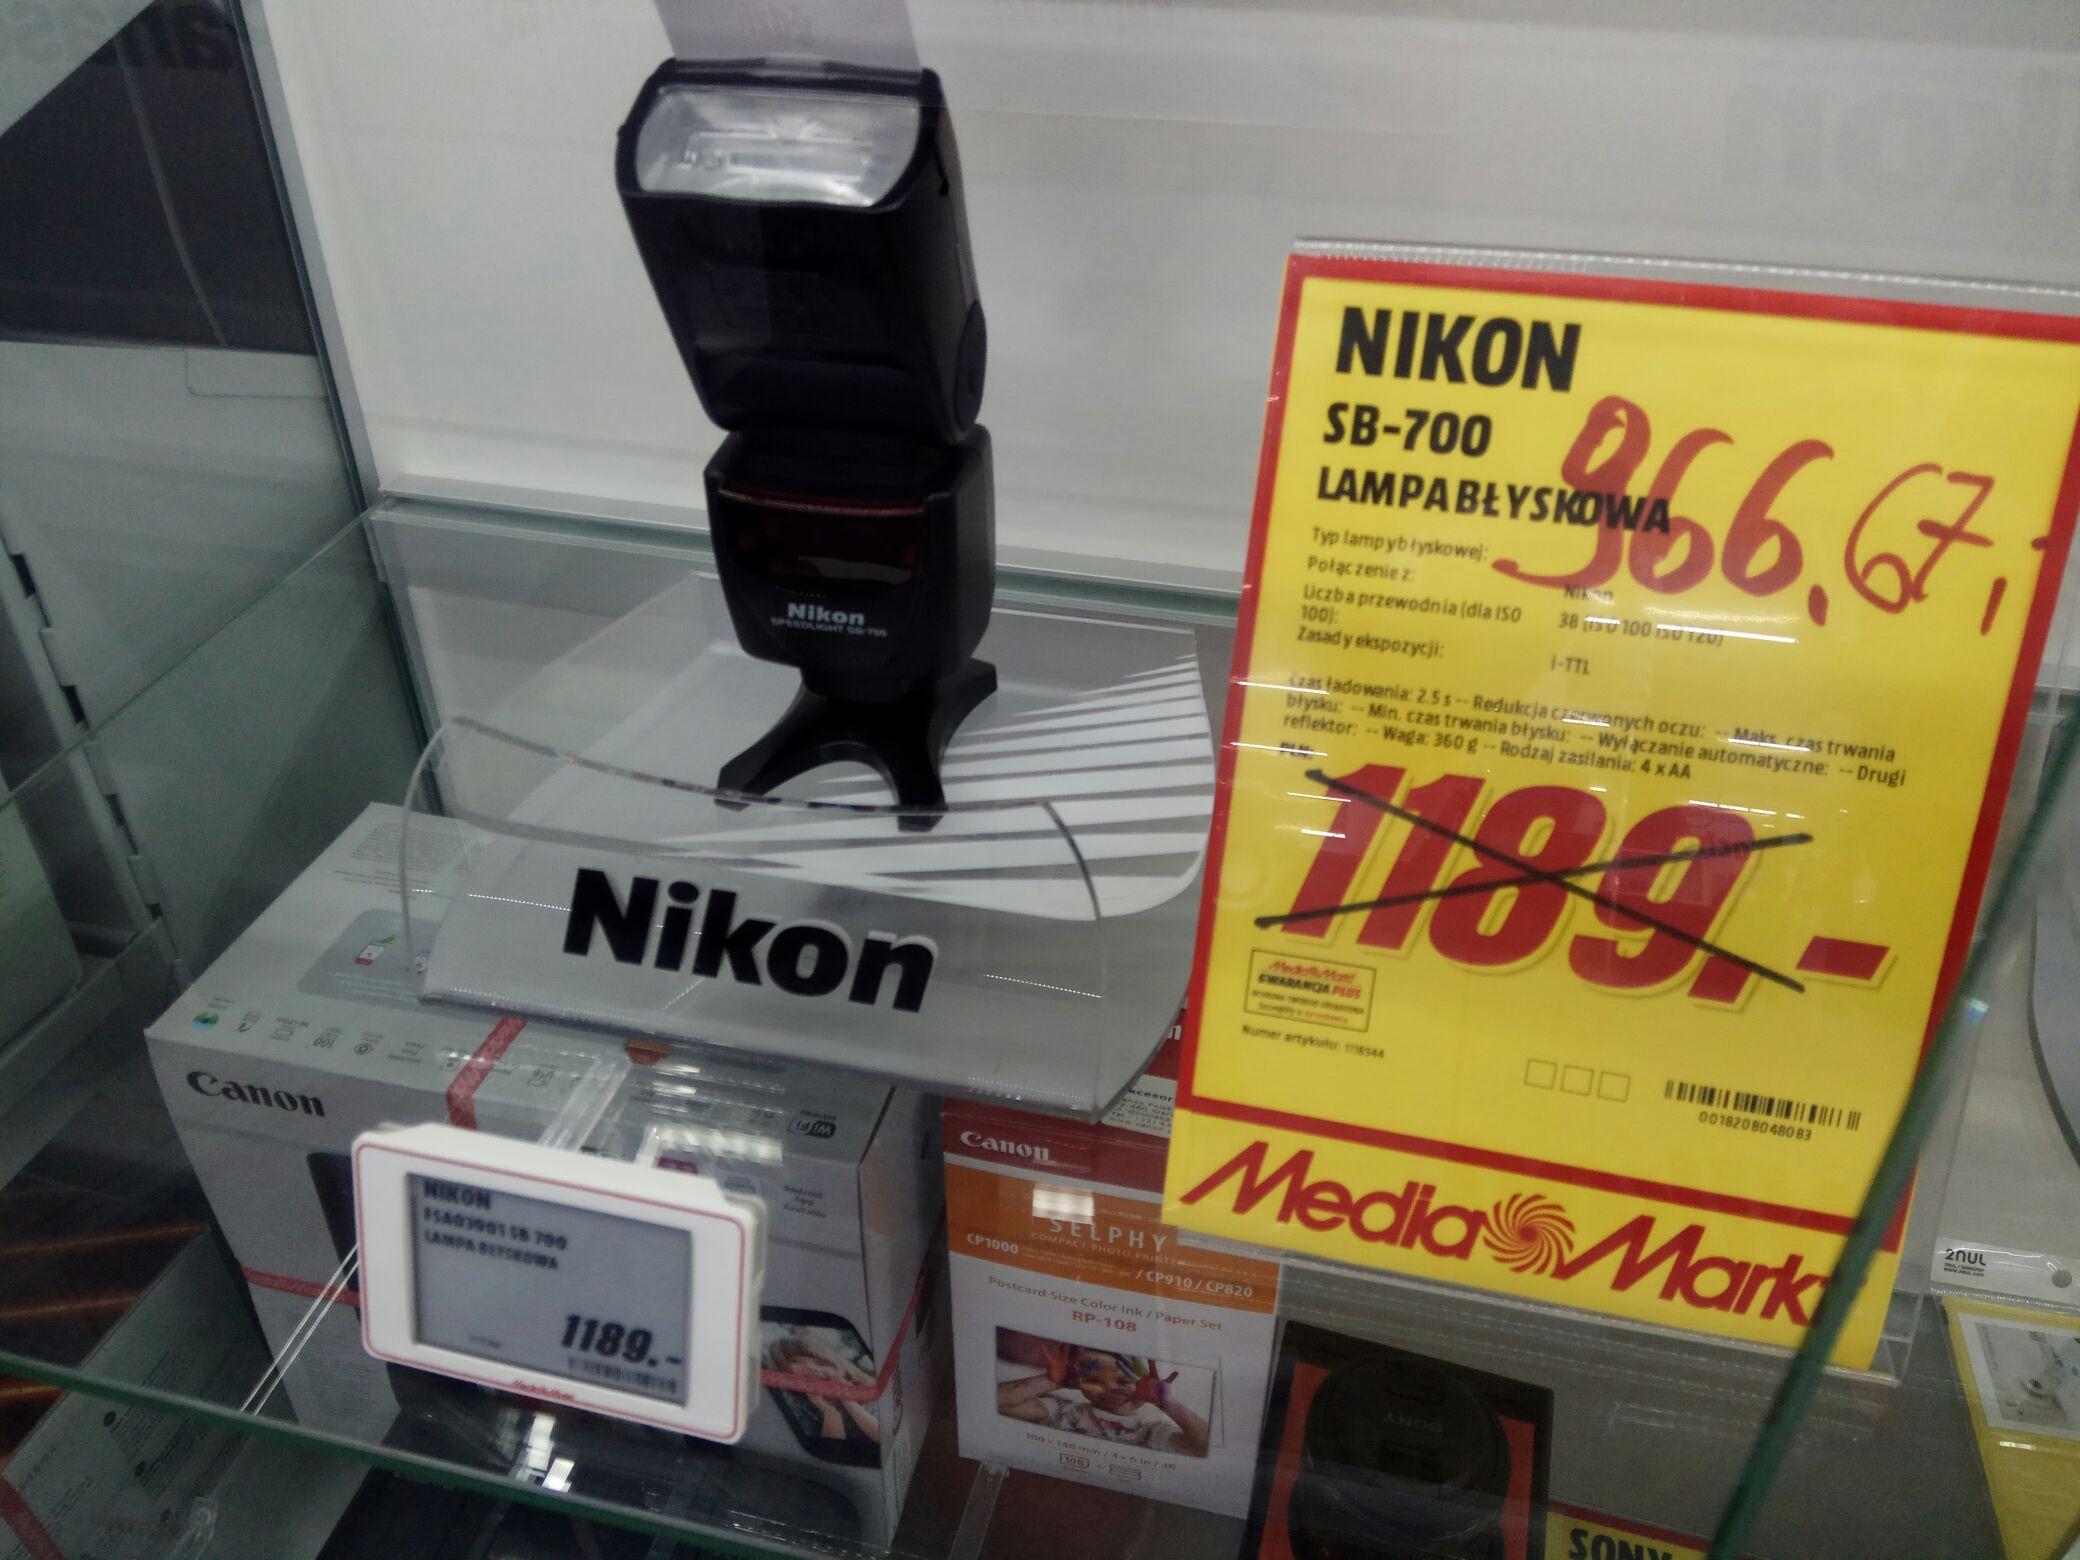 Lampa Nikon SB-700 bez Vat-u!